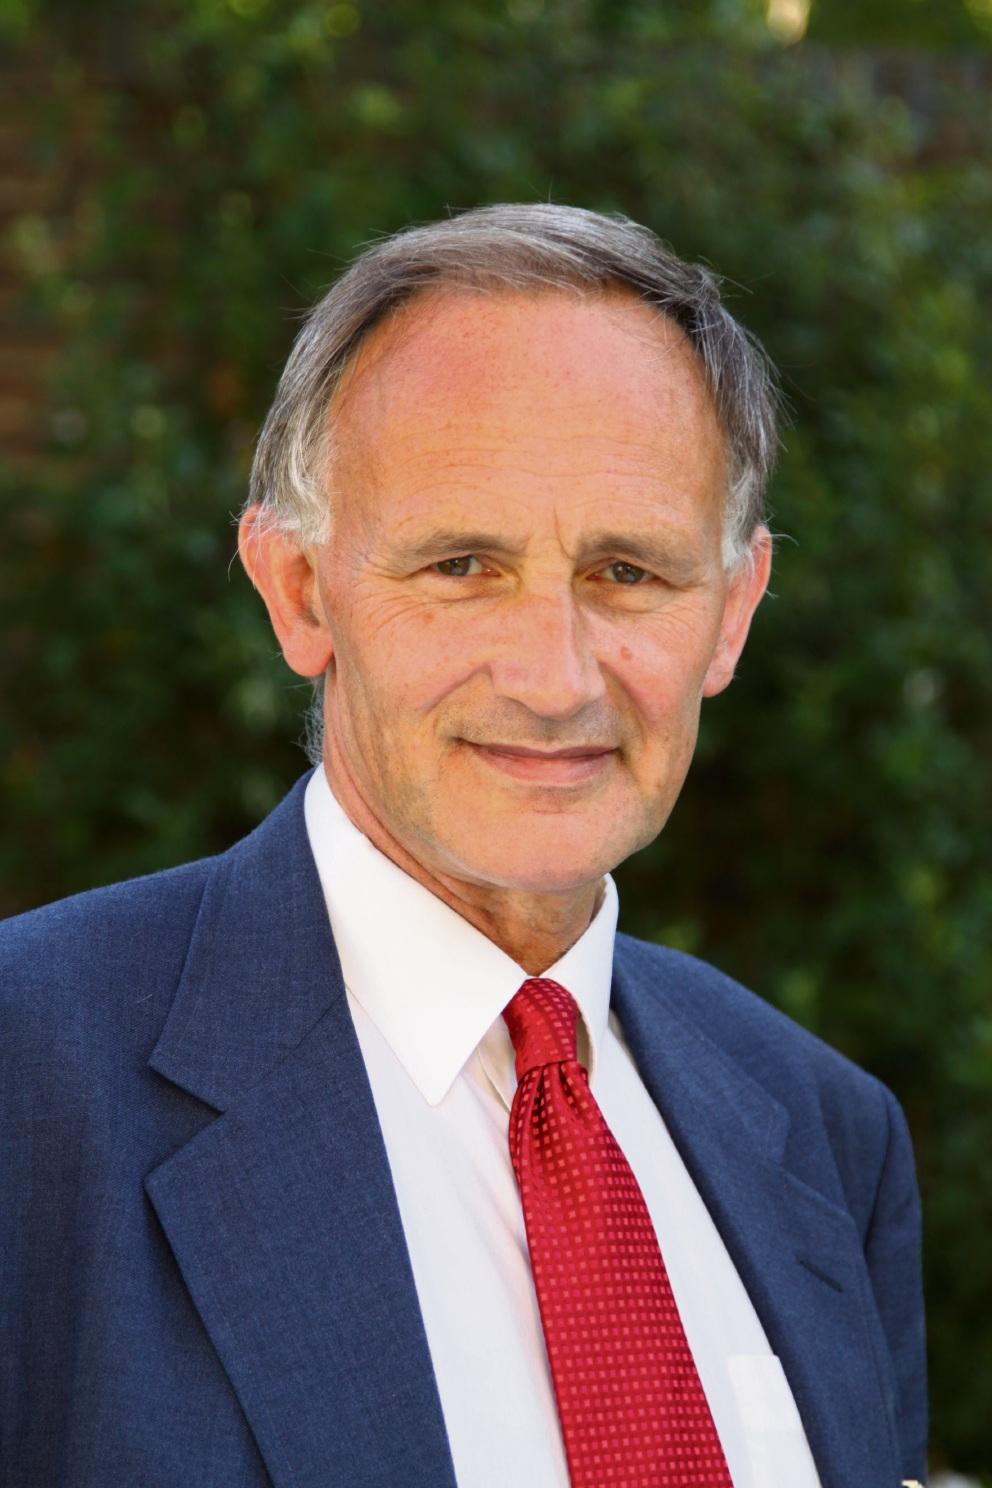 University of Cambridge Regius Professor of Divinity Emeritus David Ford.